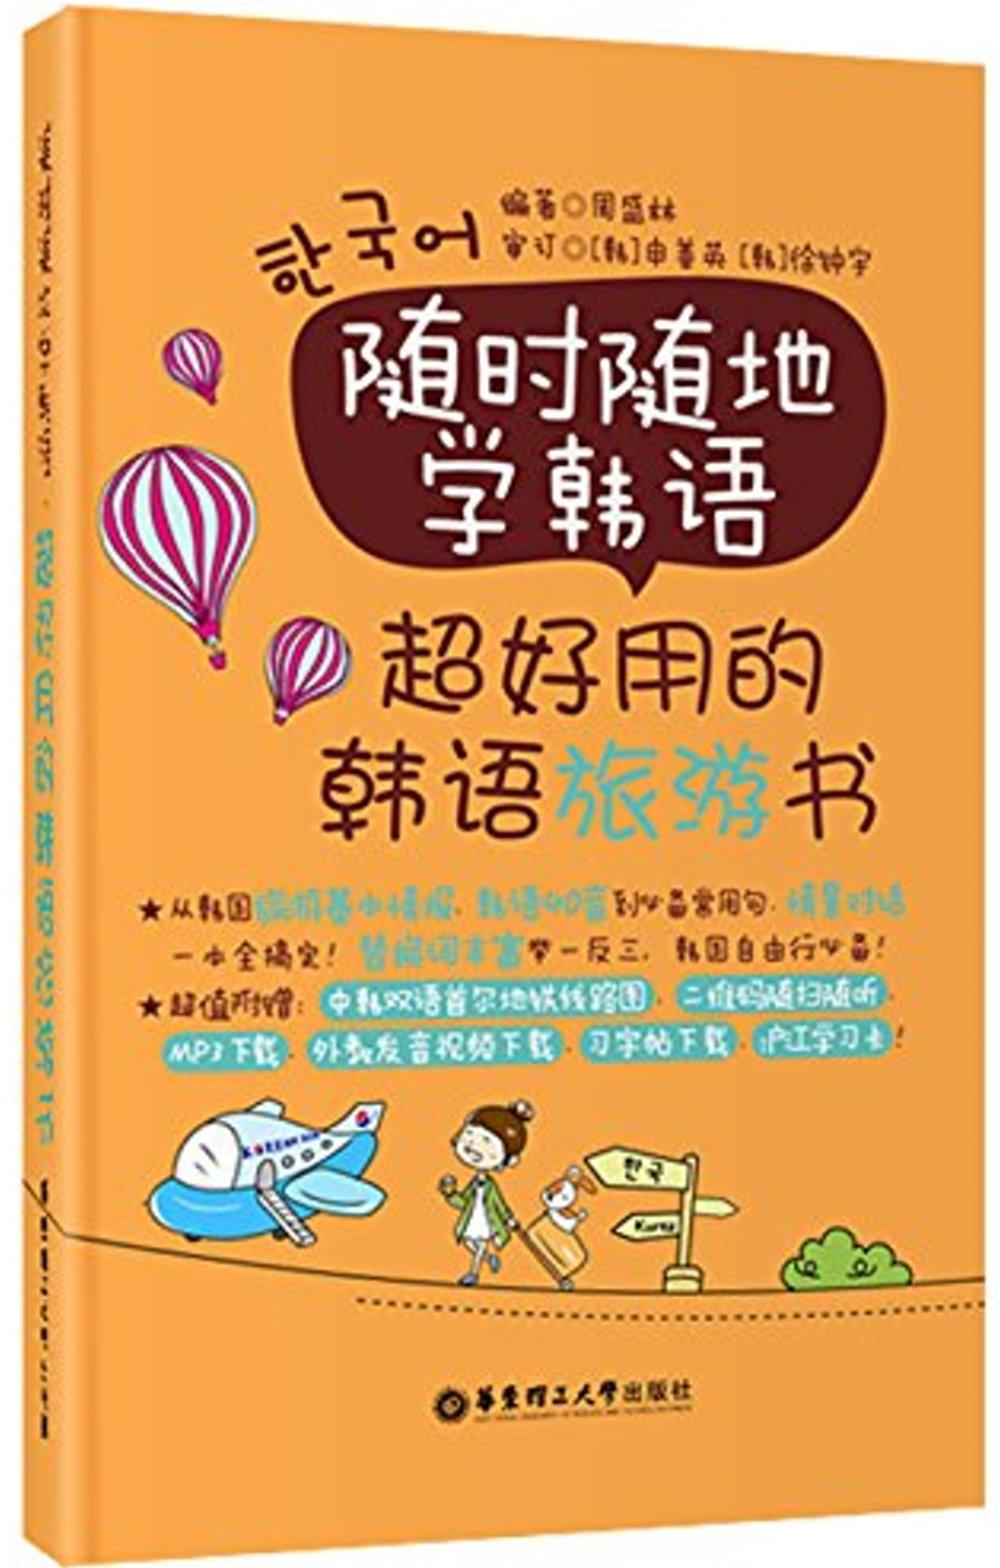 隨時隨地學韓語·超 的韓語旅游書